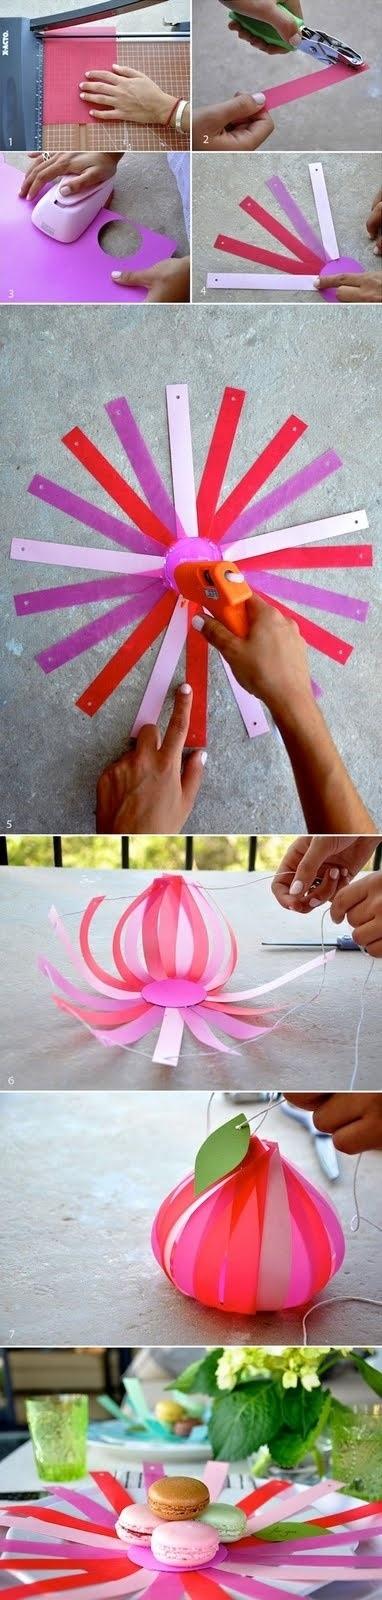 DIY lanterns for spring parties! <3